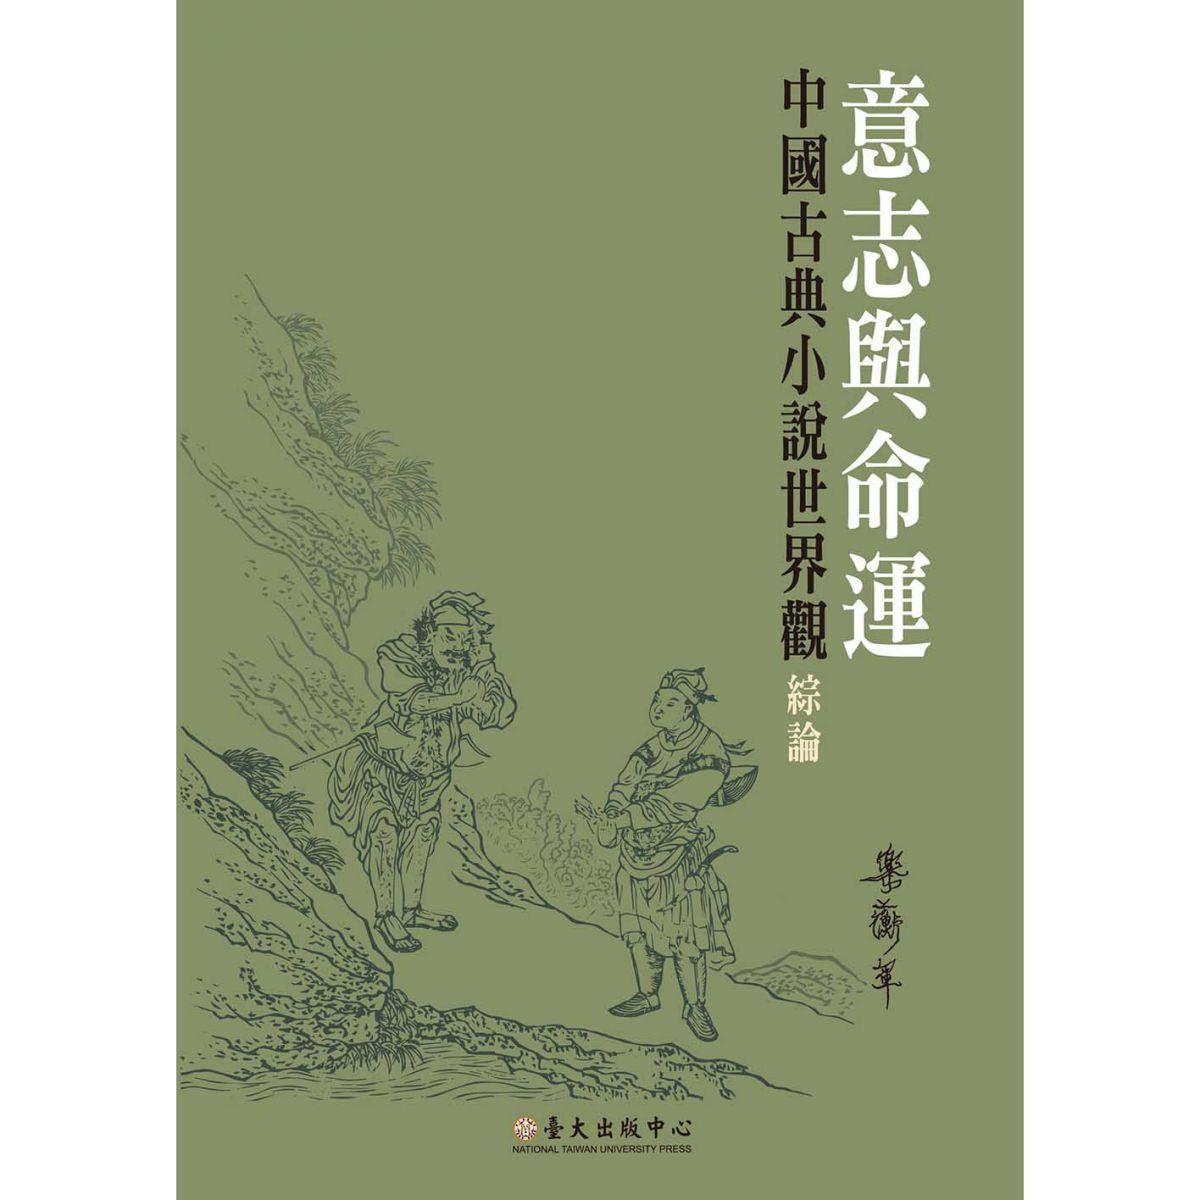 《意志與命運》析論中國古典小說世界觀